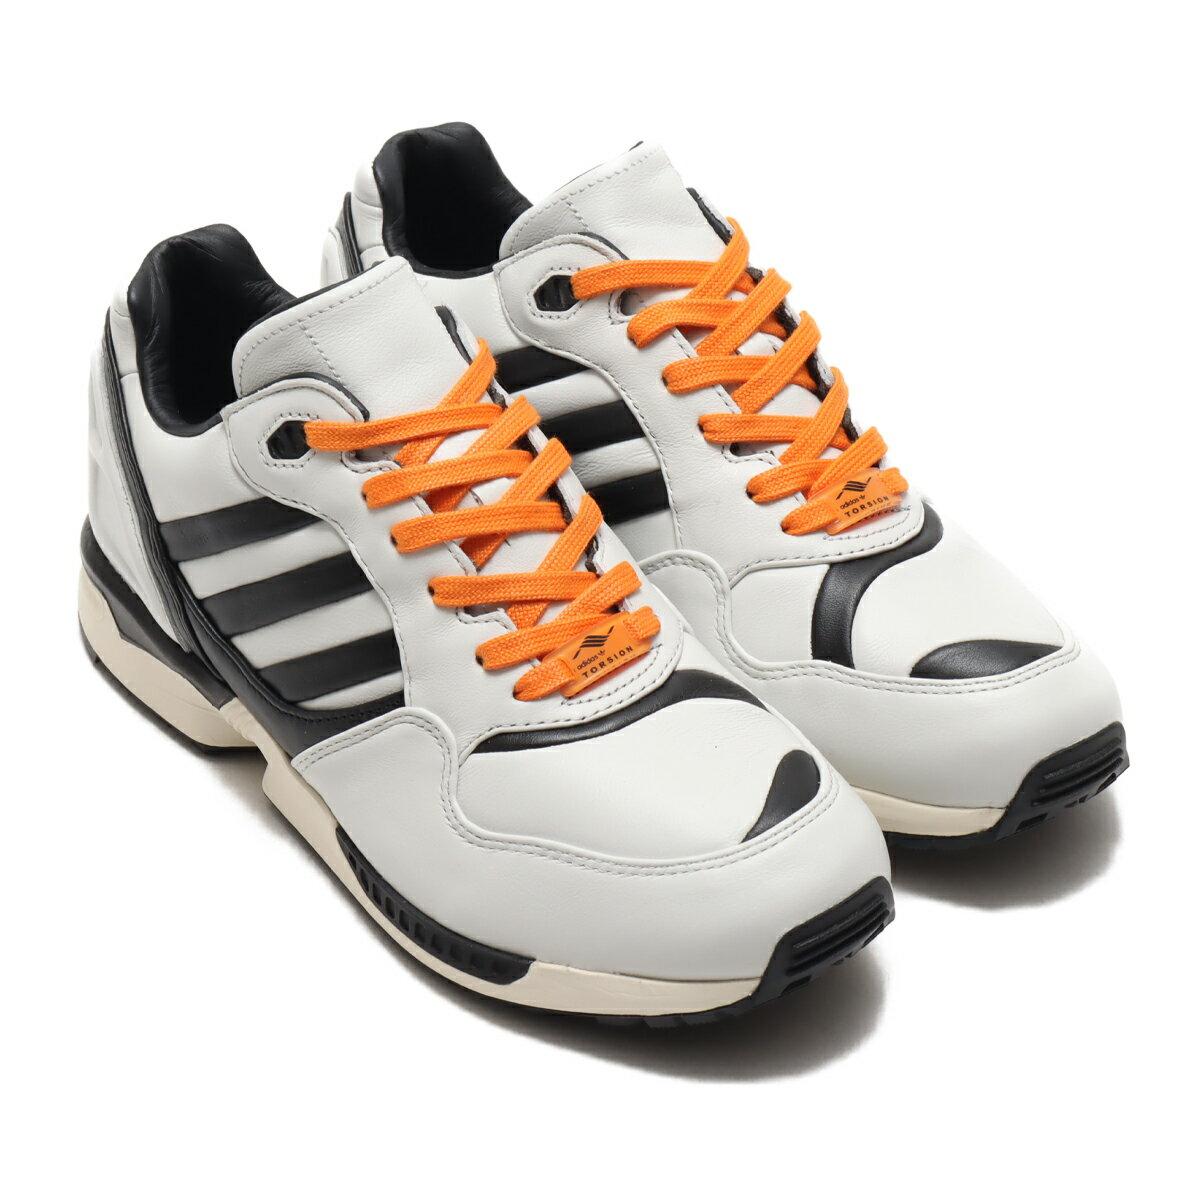 メンズ靴, スニーカー adidas ZX 6000 AZX( ZX 6000 AZX)CRYSTAL WHITECORE BLACKBAHIA ORANGE 20FW-S atp21ssl